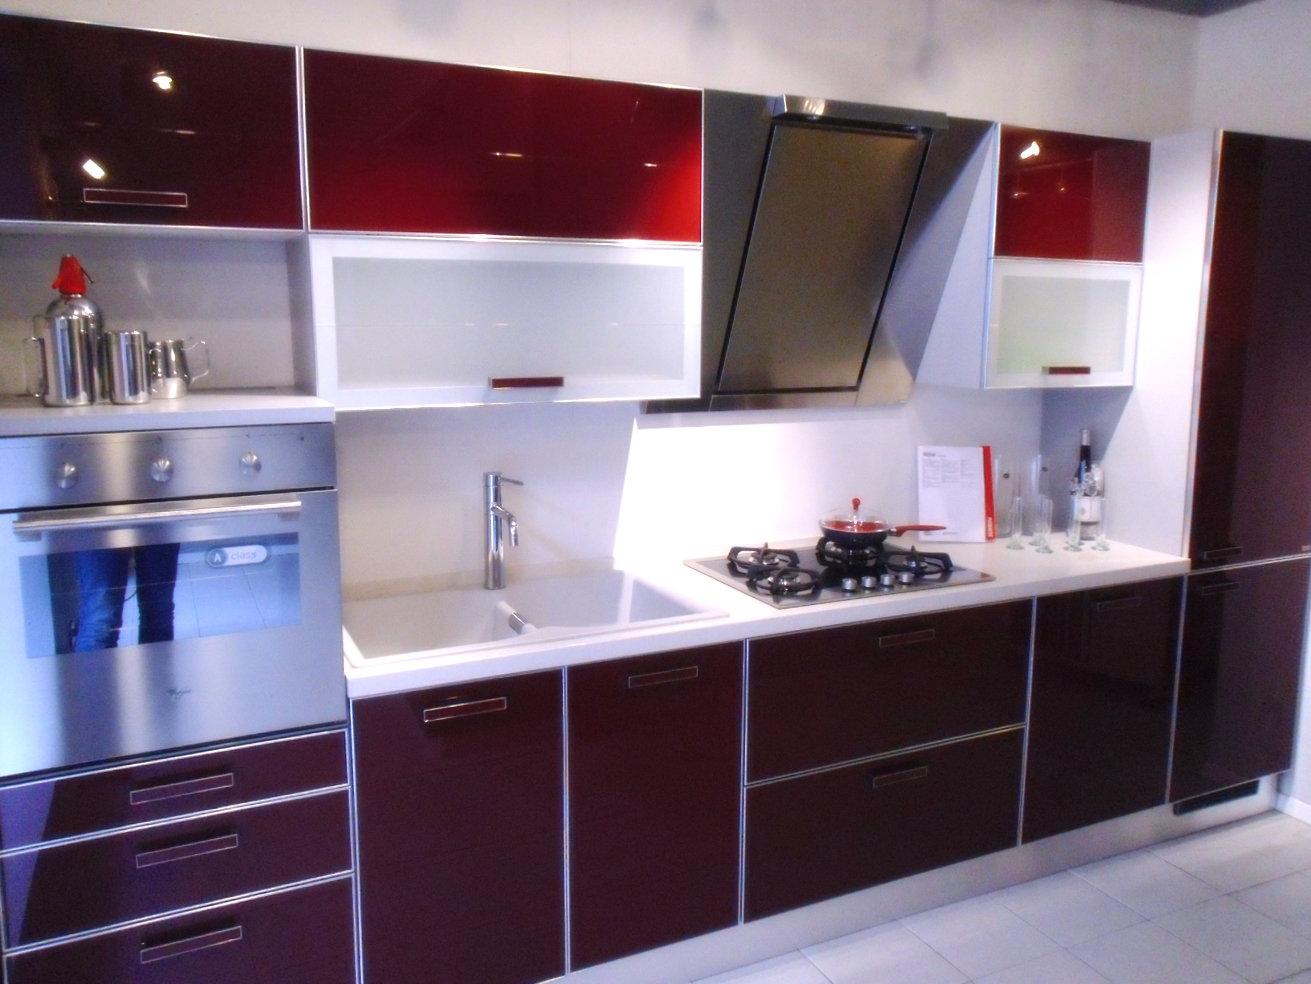 cucina rossa scavolini - 28 images - scavolini baccarat rossa cucine ...